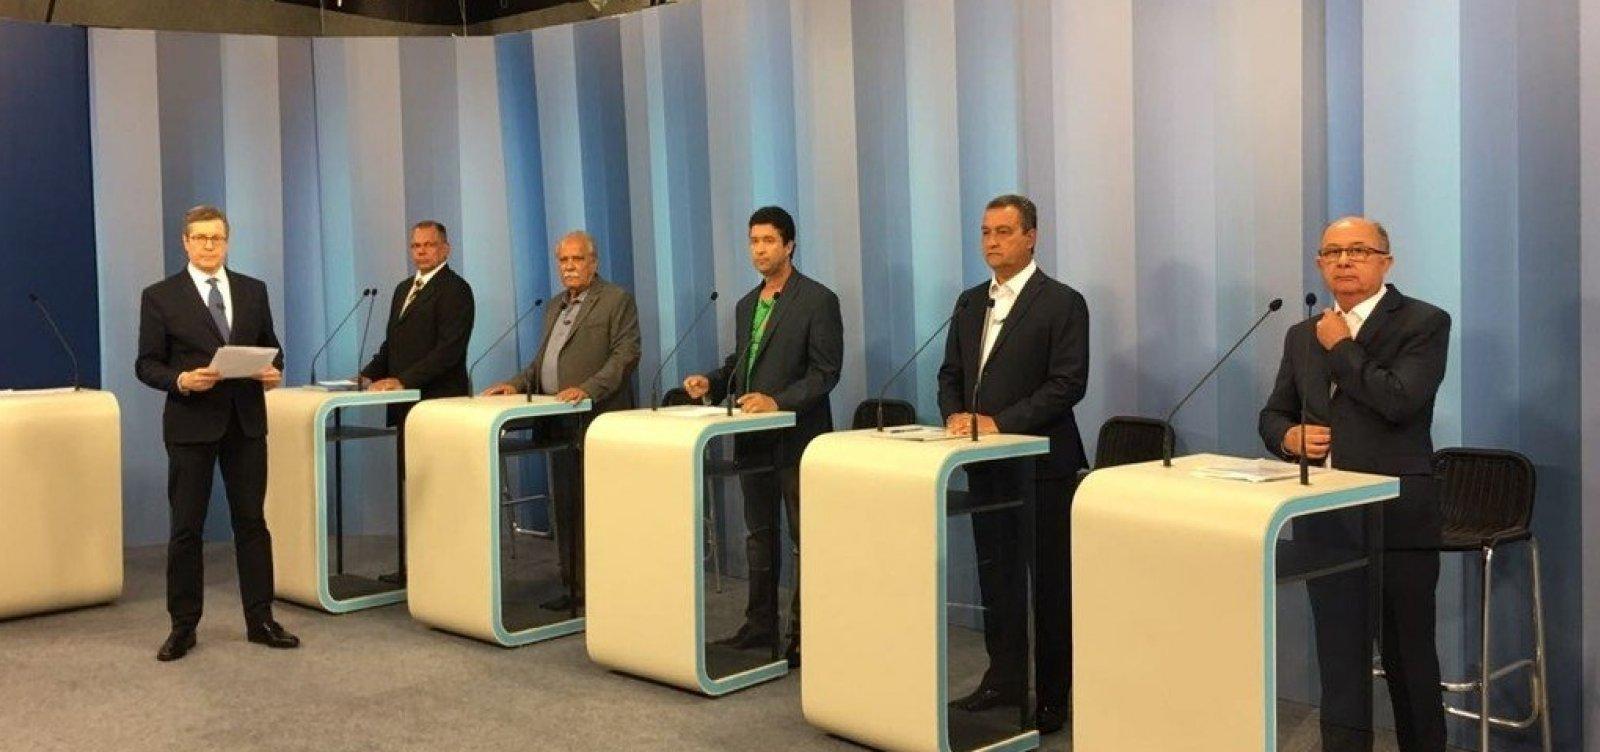 Debate na TV Bahia: último bloco tem embates entre candidatos e até com mediador